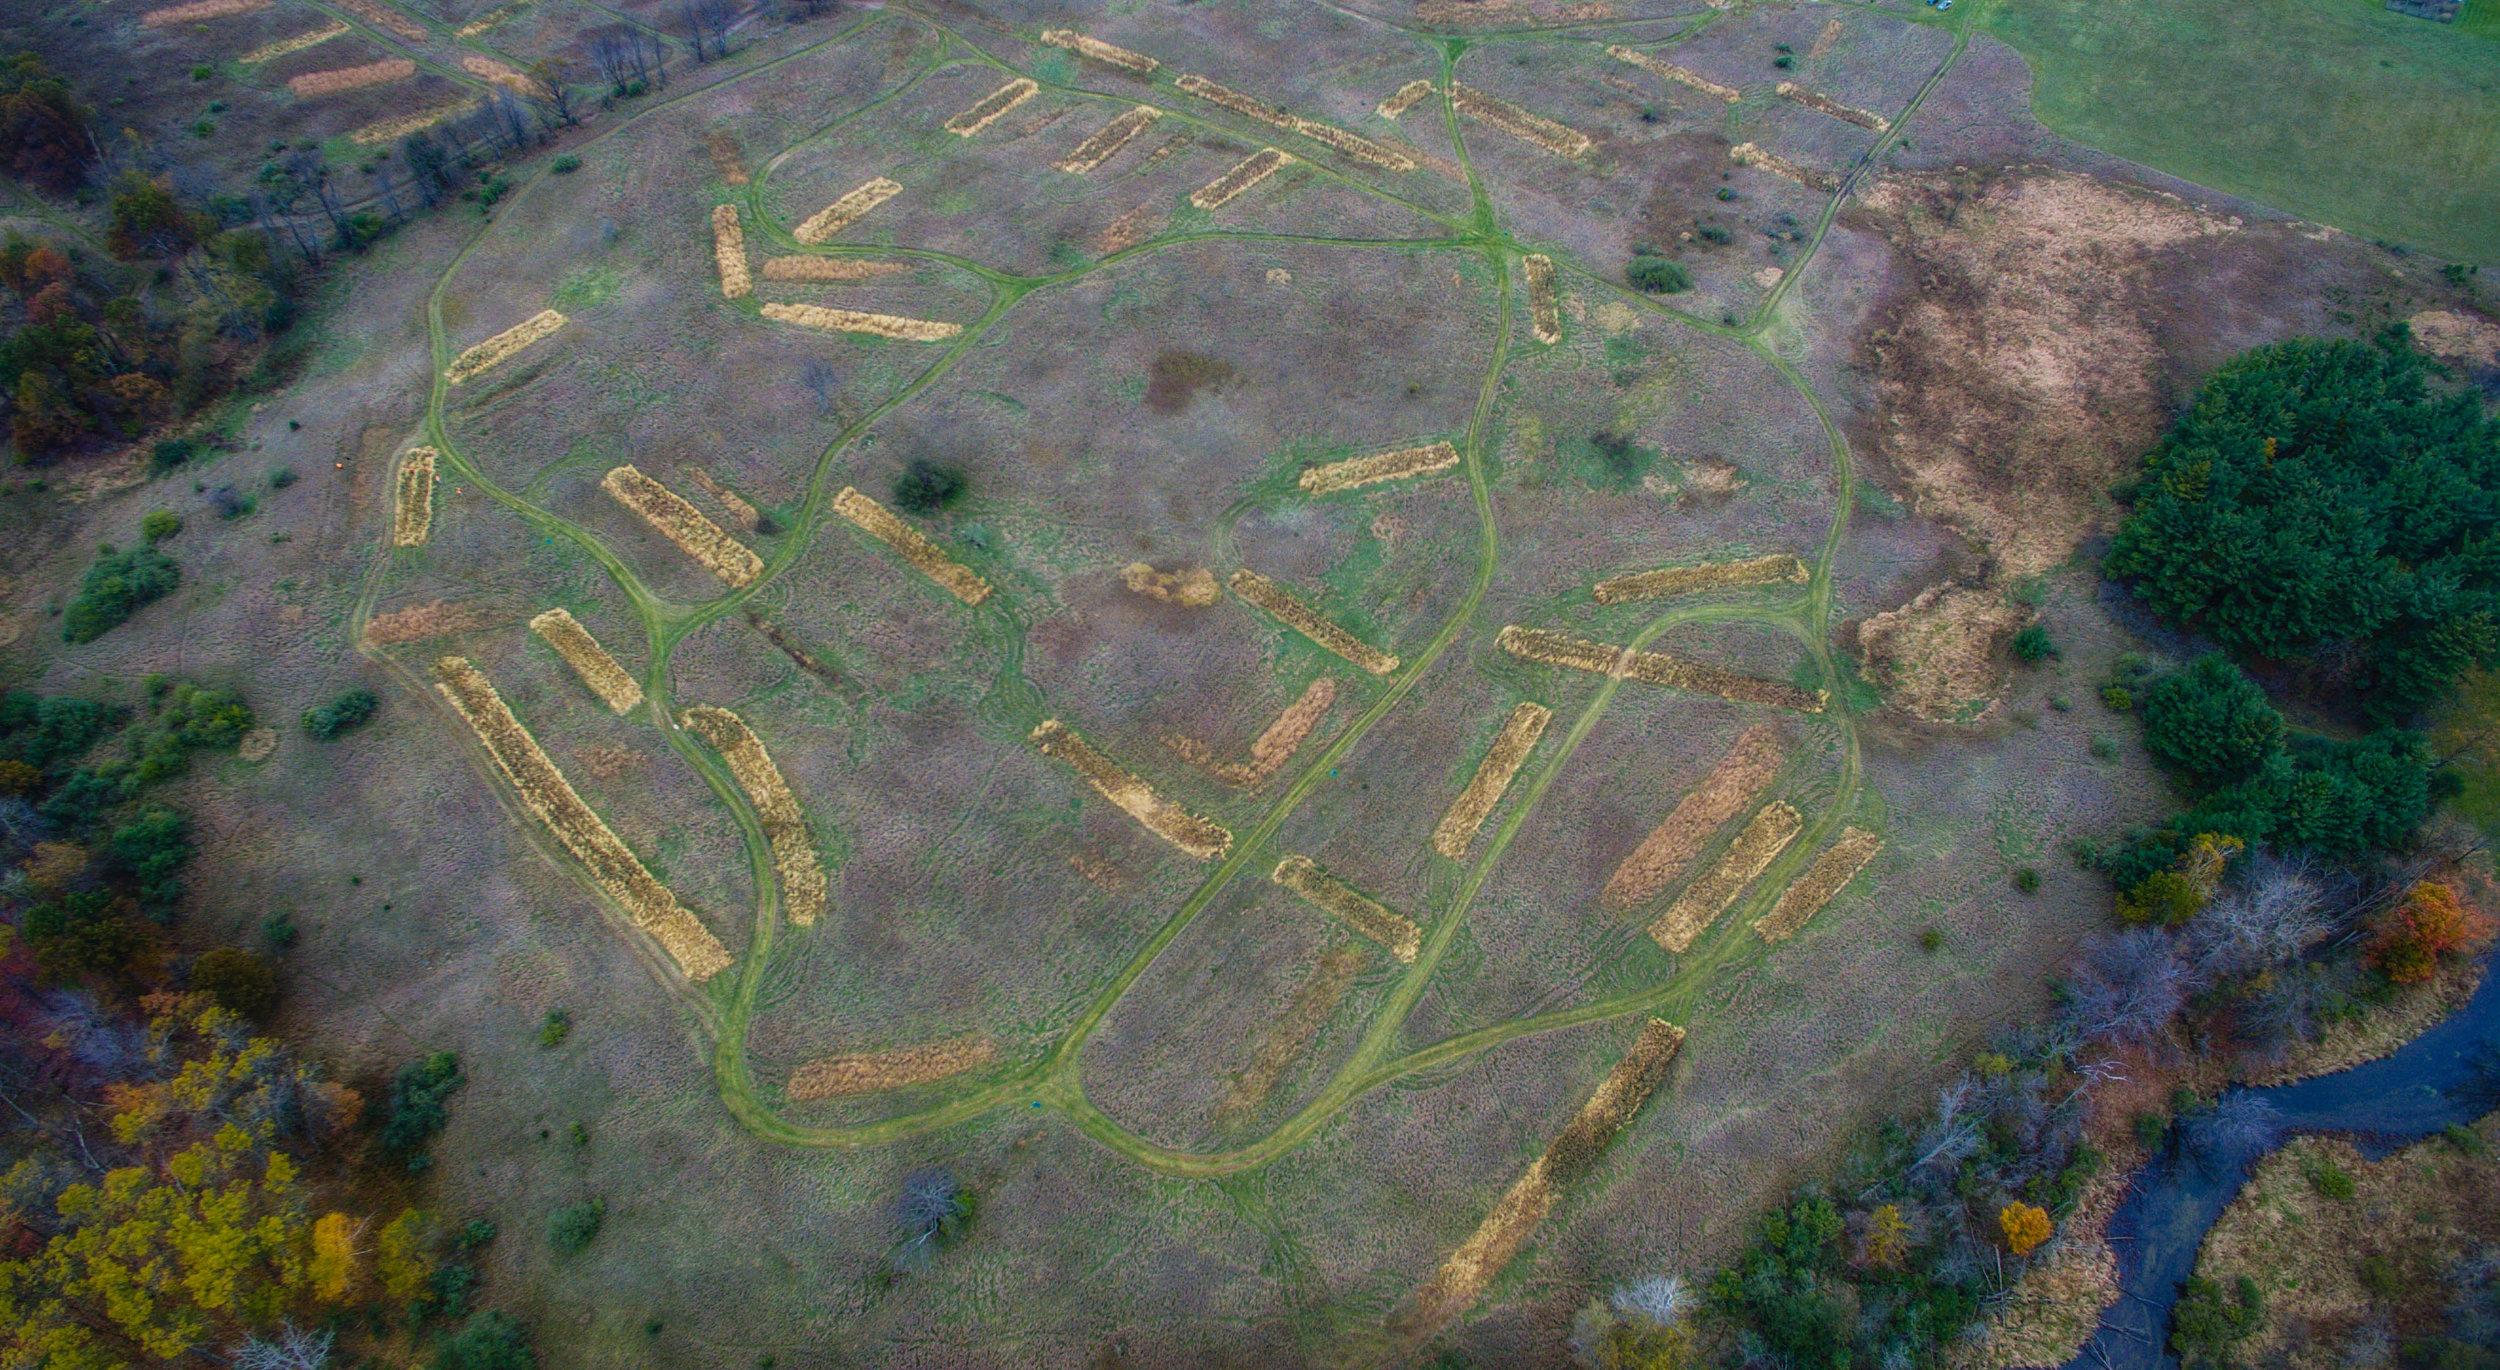 HuntersCreek_Aerial-5.jpg